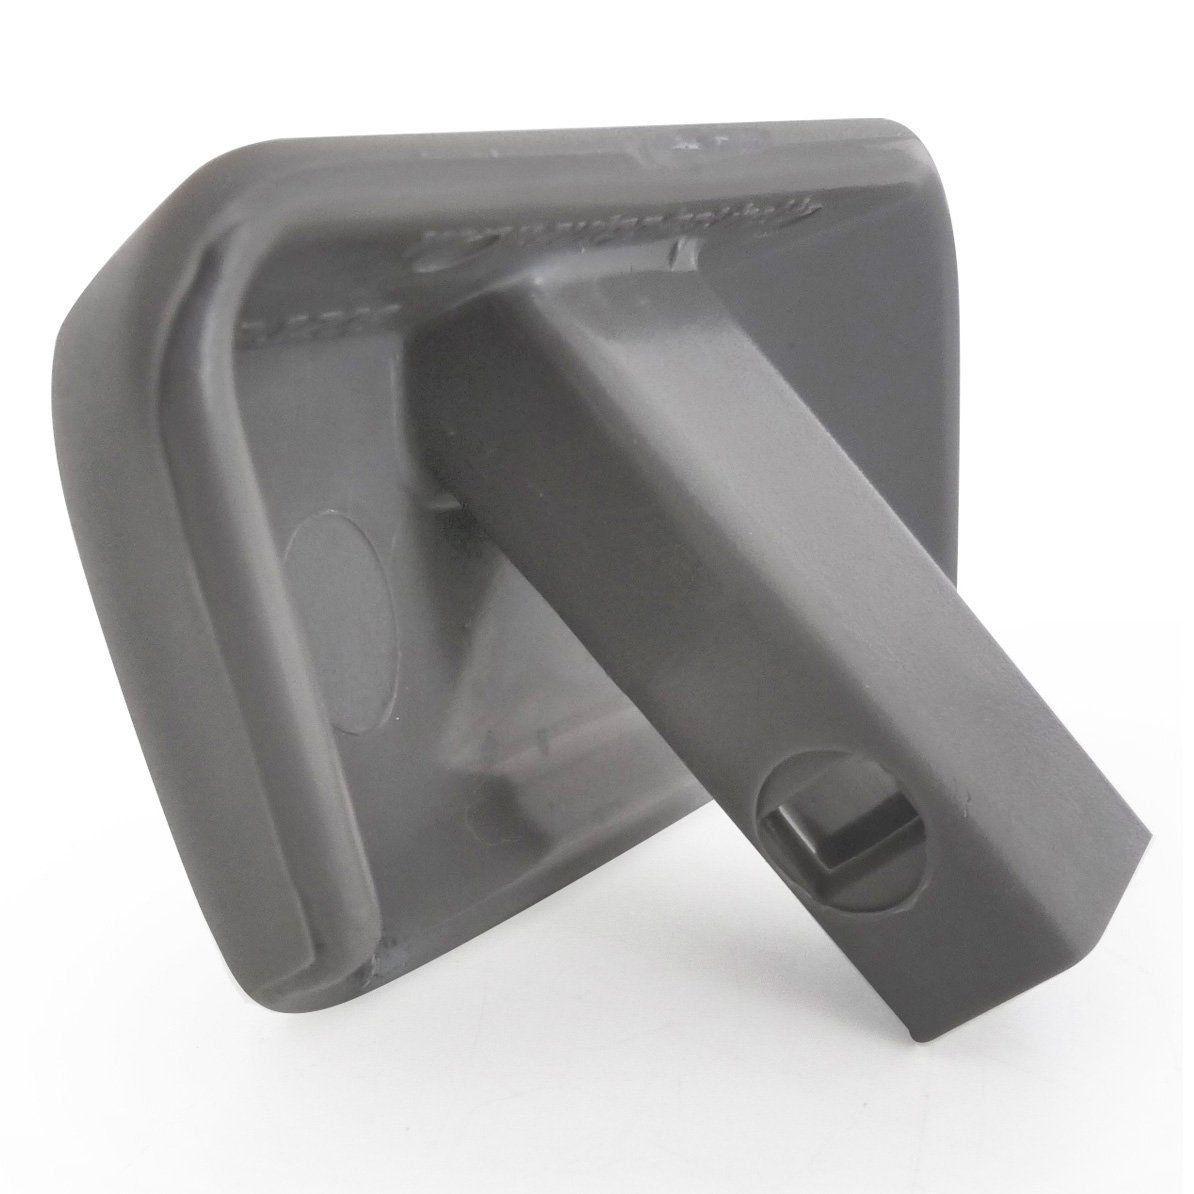 Botão Maçaneta Freio De Mão Silverado Grand Blazer - Cinza